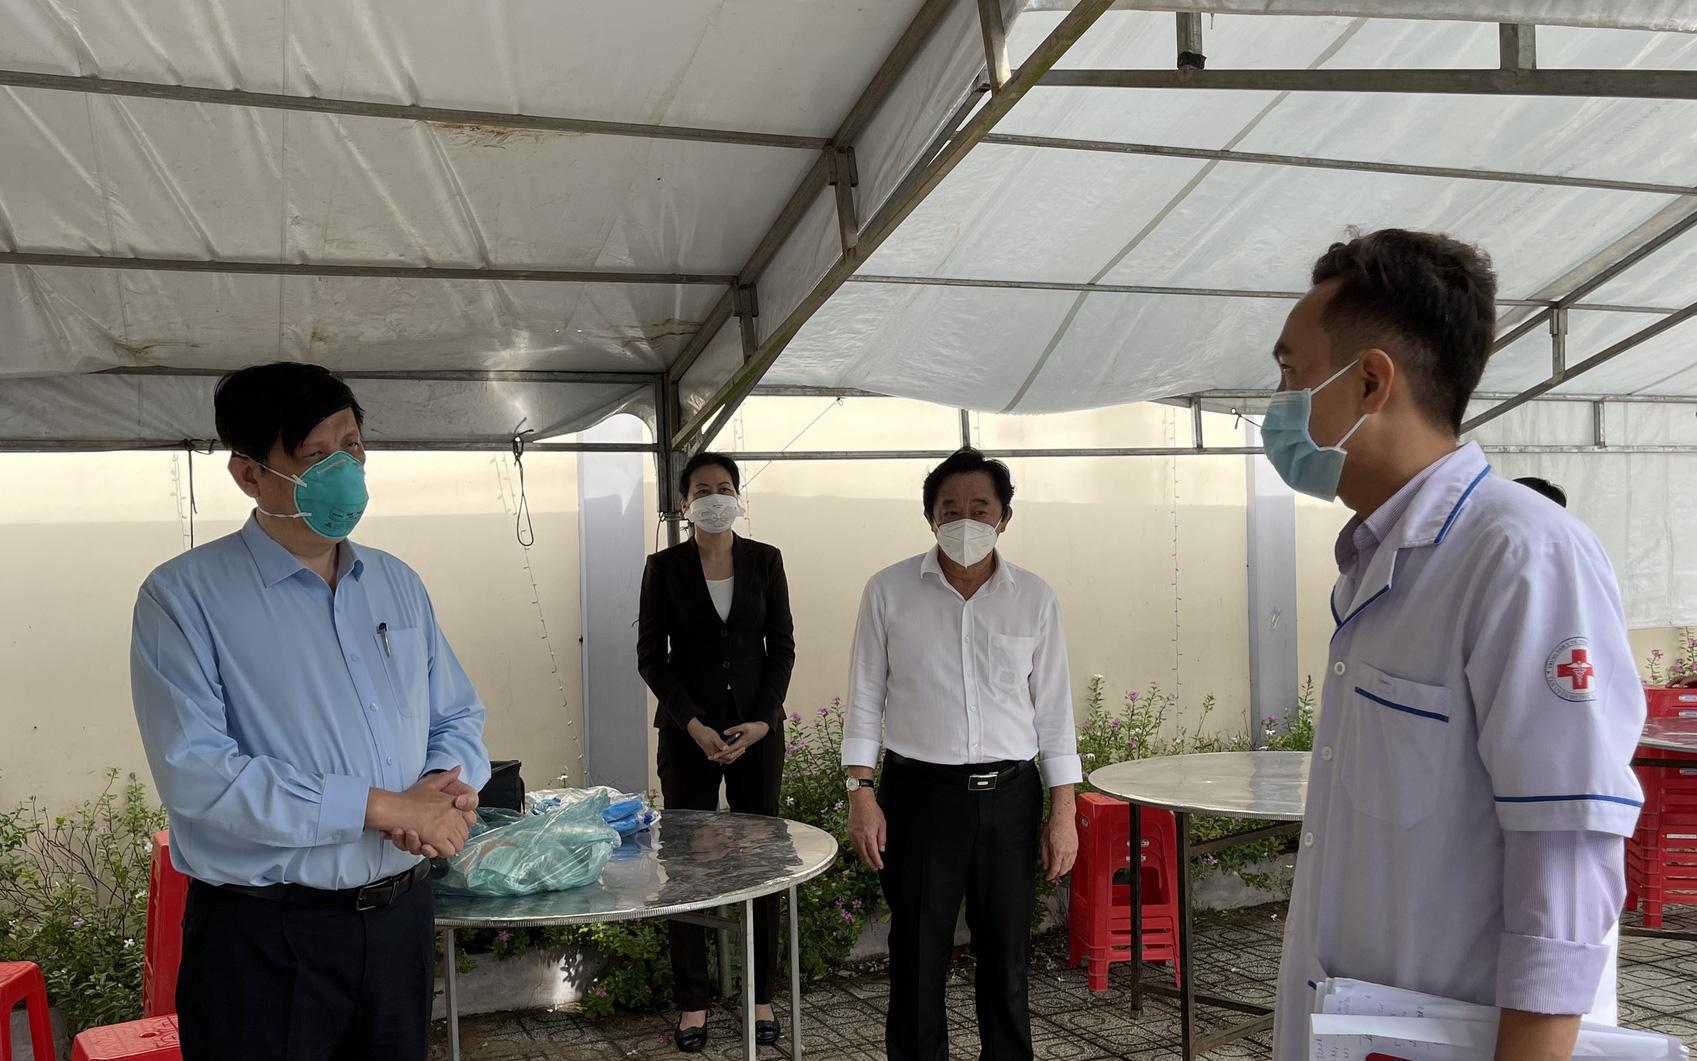 Bộ trưởng Bộ Y tế: Tăng cường hoạt động của các trạm y tế lưu động tại Bình Dương